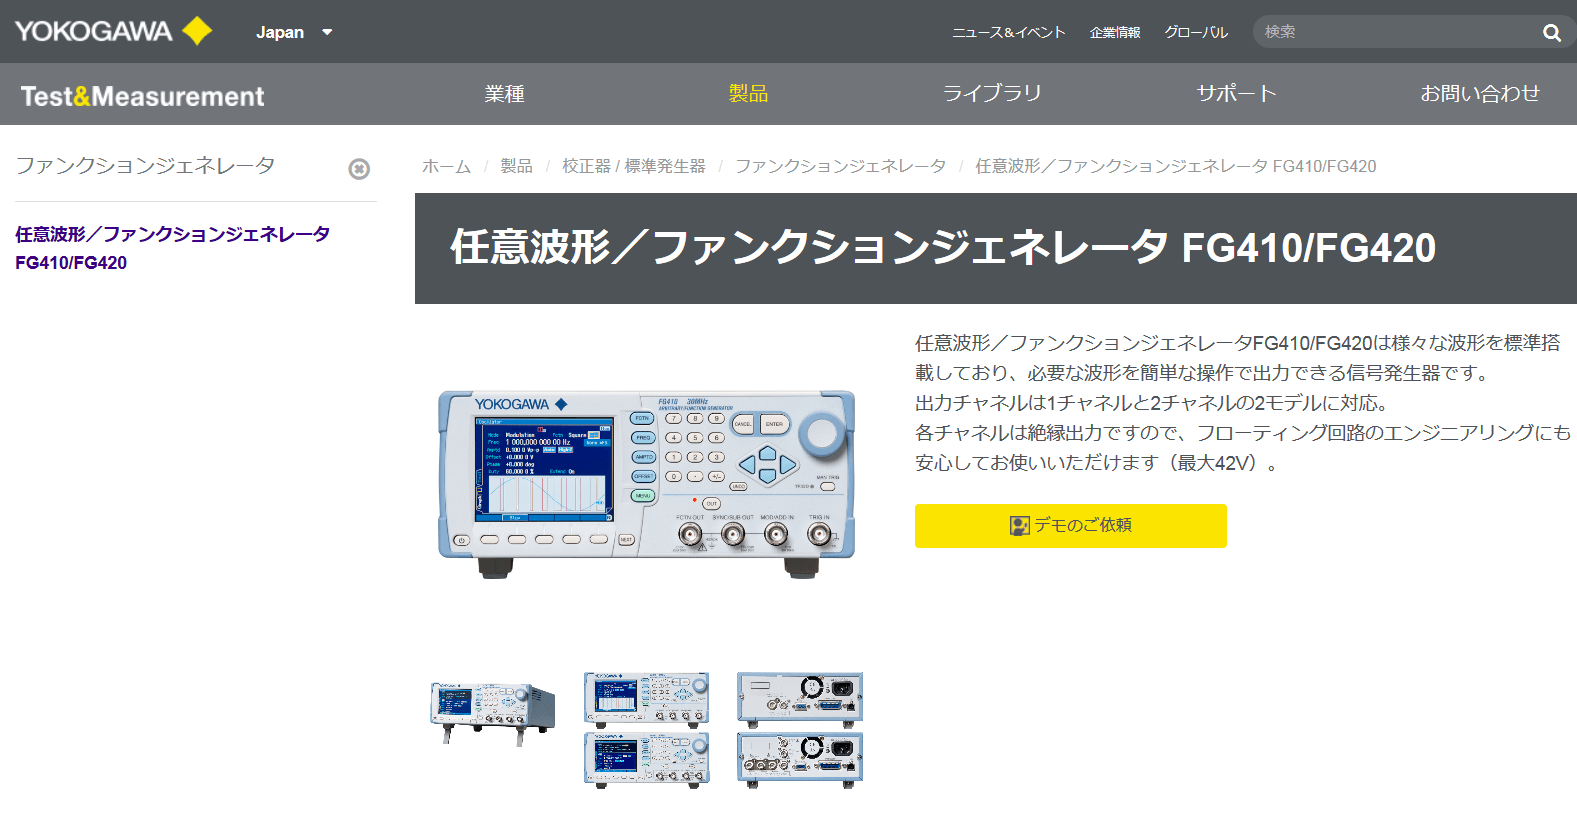 任意波形/ファンクションジェネレータ FG410/FG420